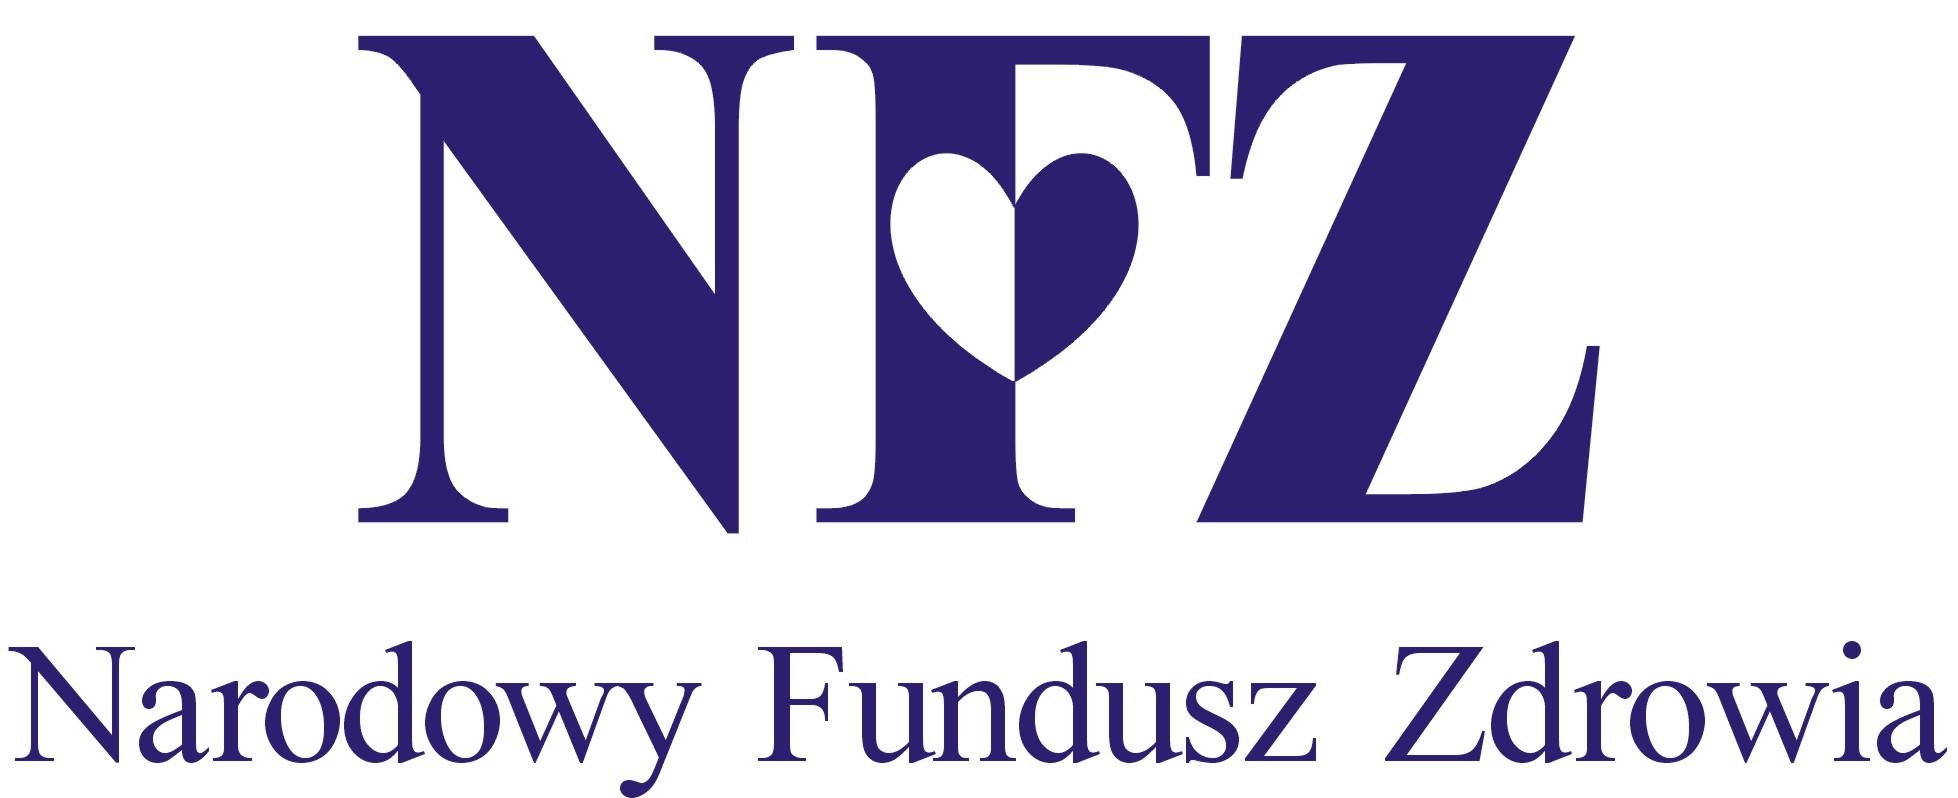 logo_nfz